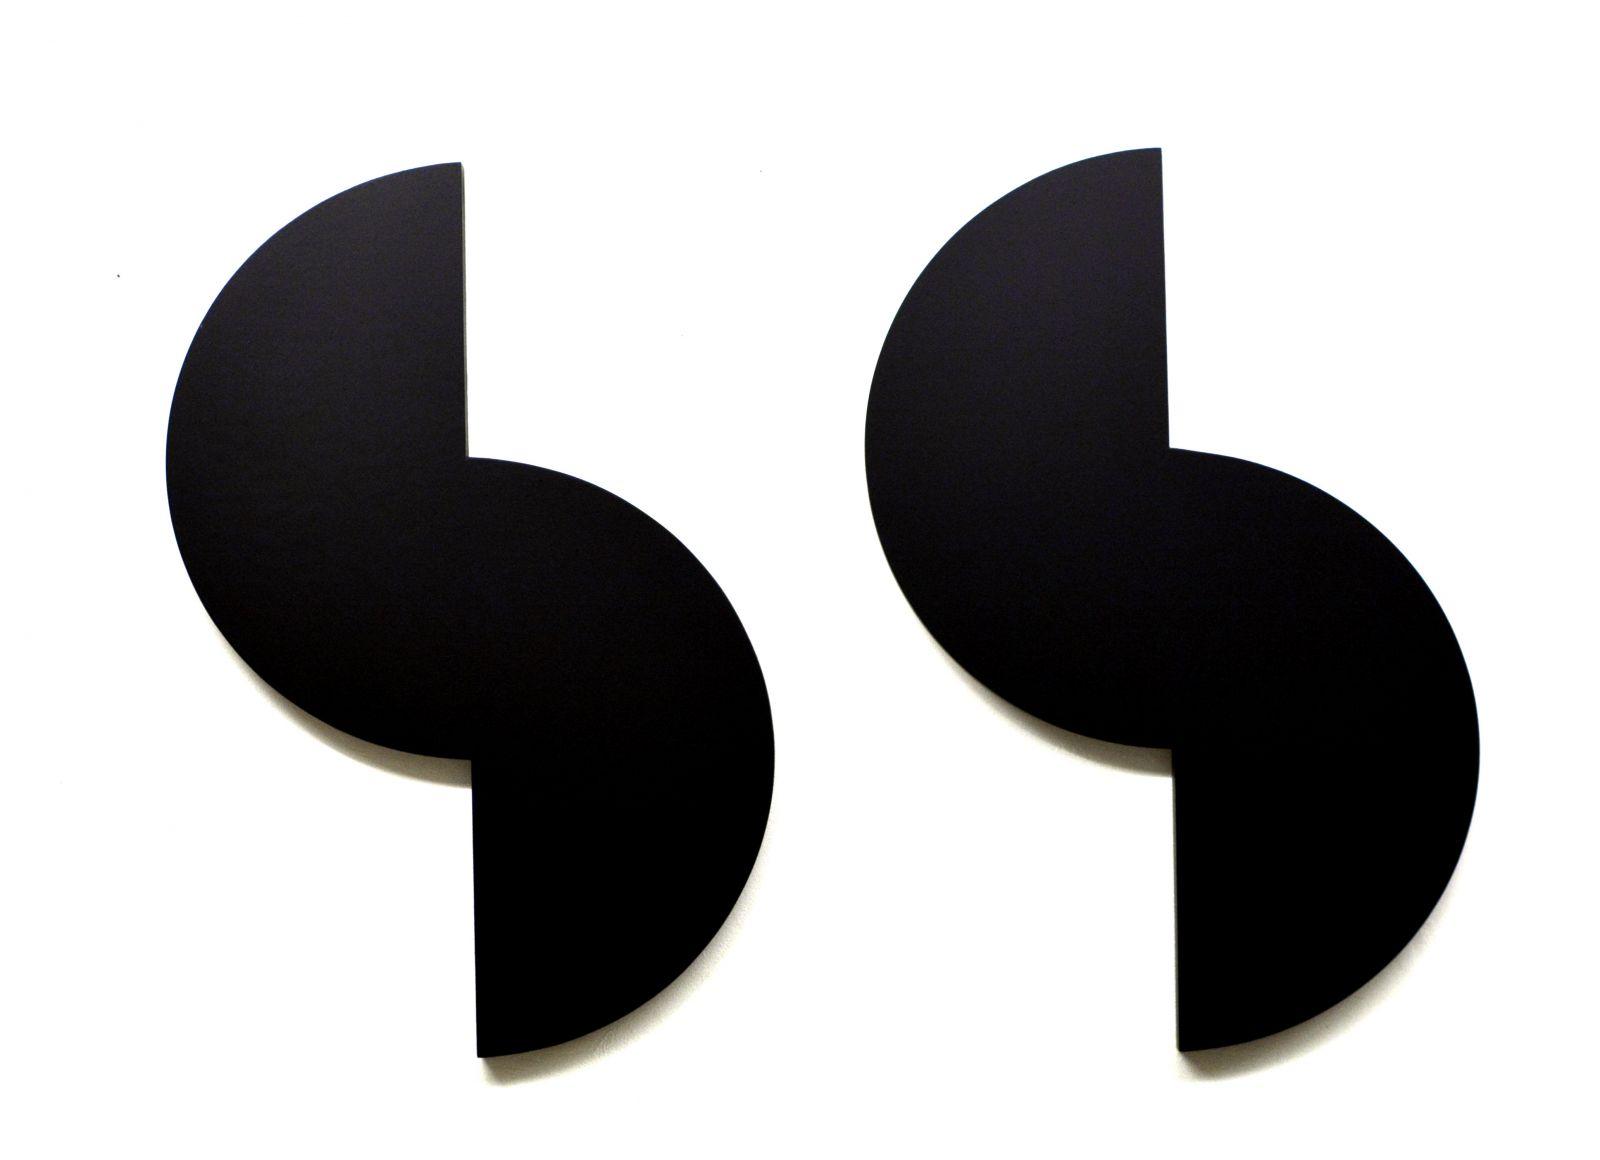 eder-artworks-object